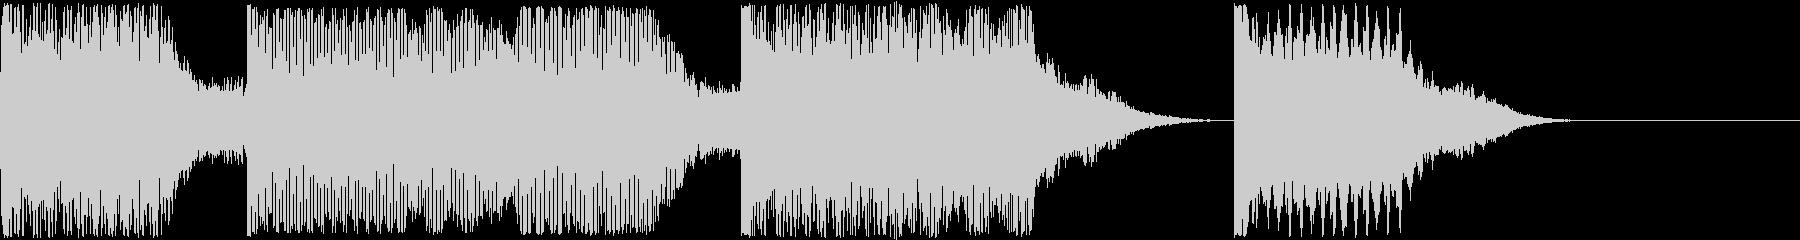 AI メカ/ロボ/マシン動作音 3の未再生の波形